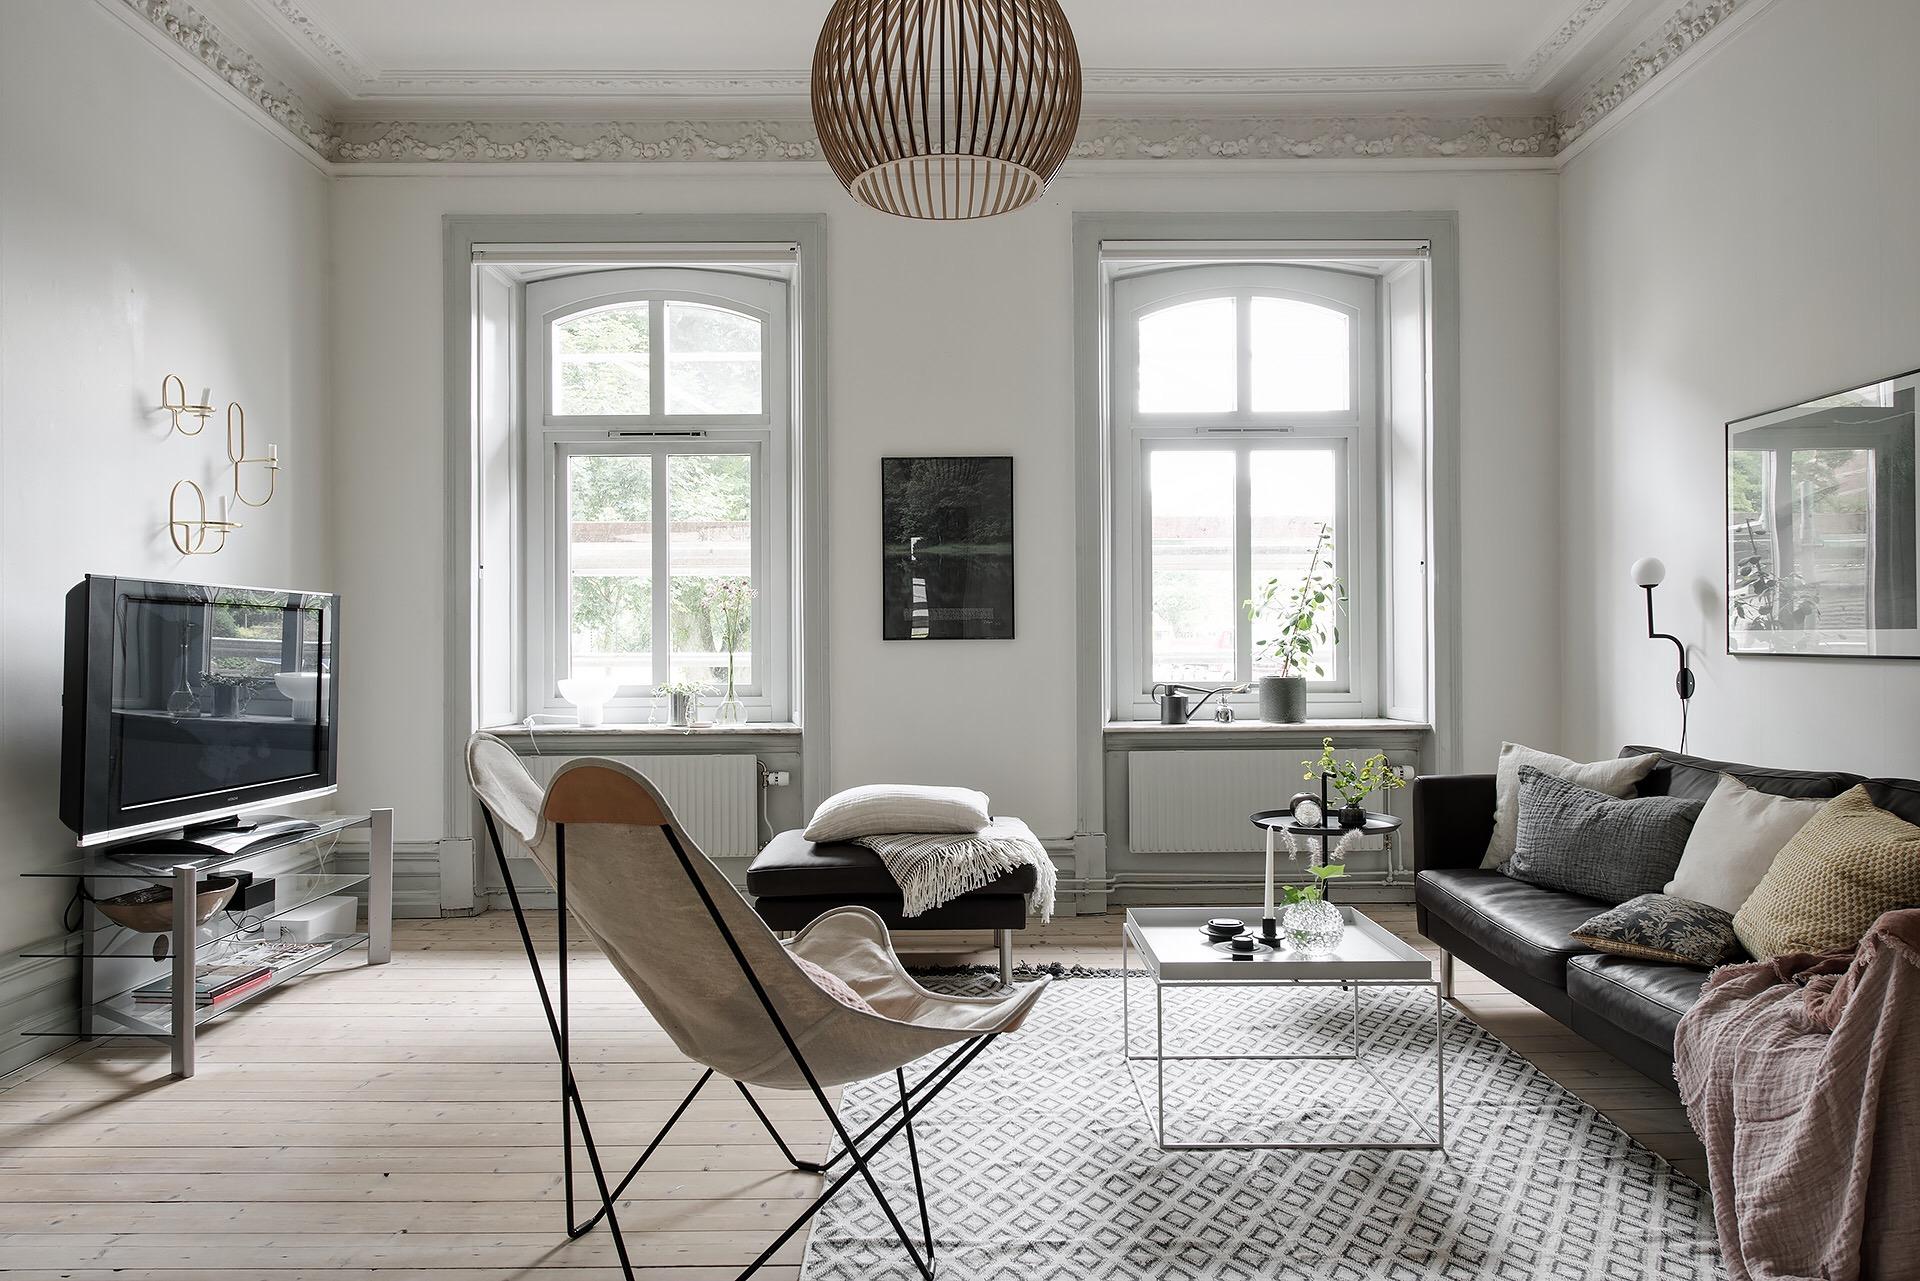 гостиная окно телевизор кресло столик ковер диван